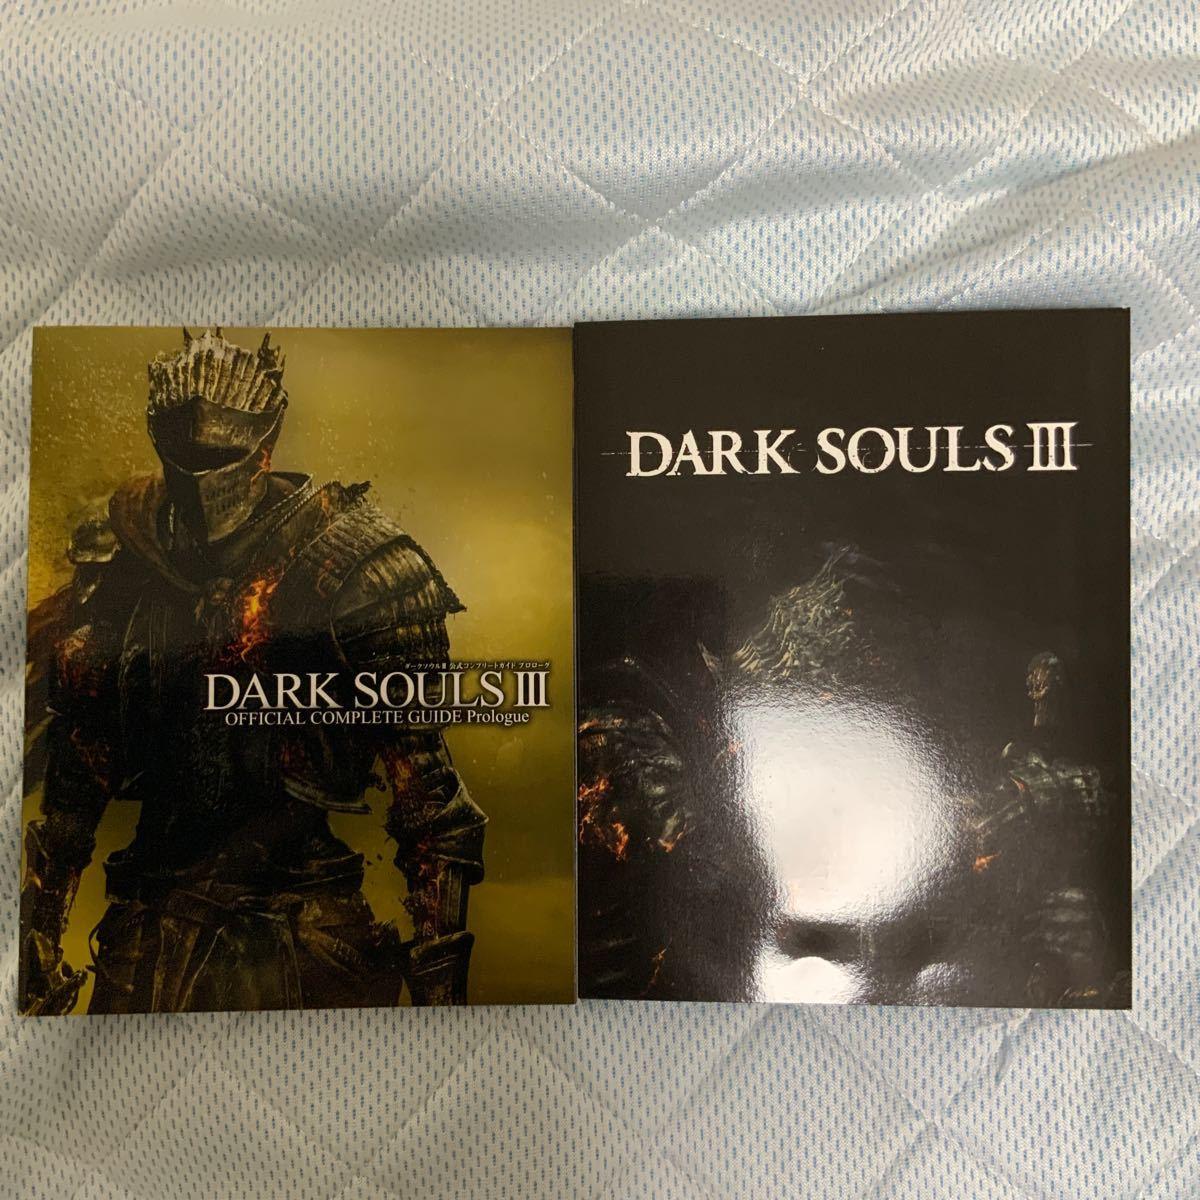 特典 ガイドブック サントラ のみ DARK SOULS III